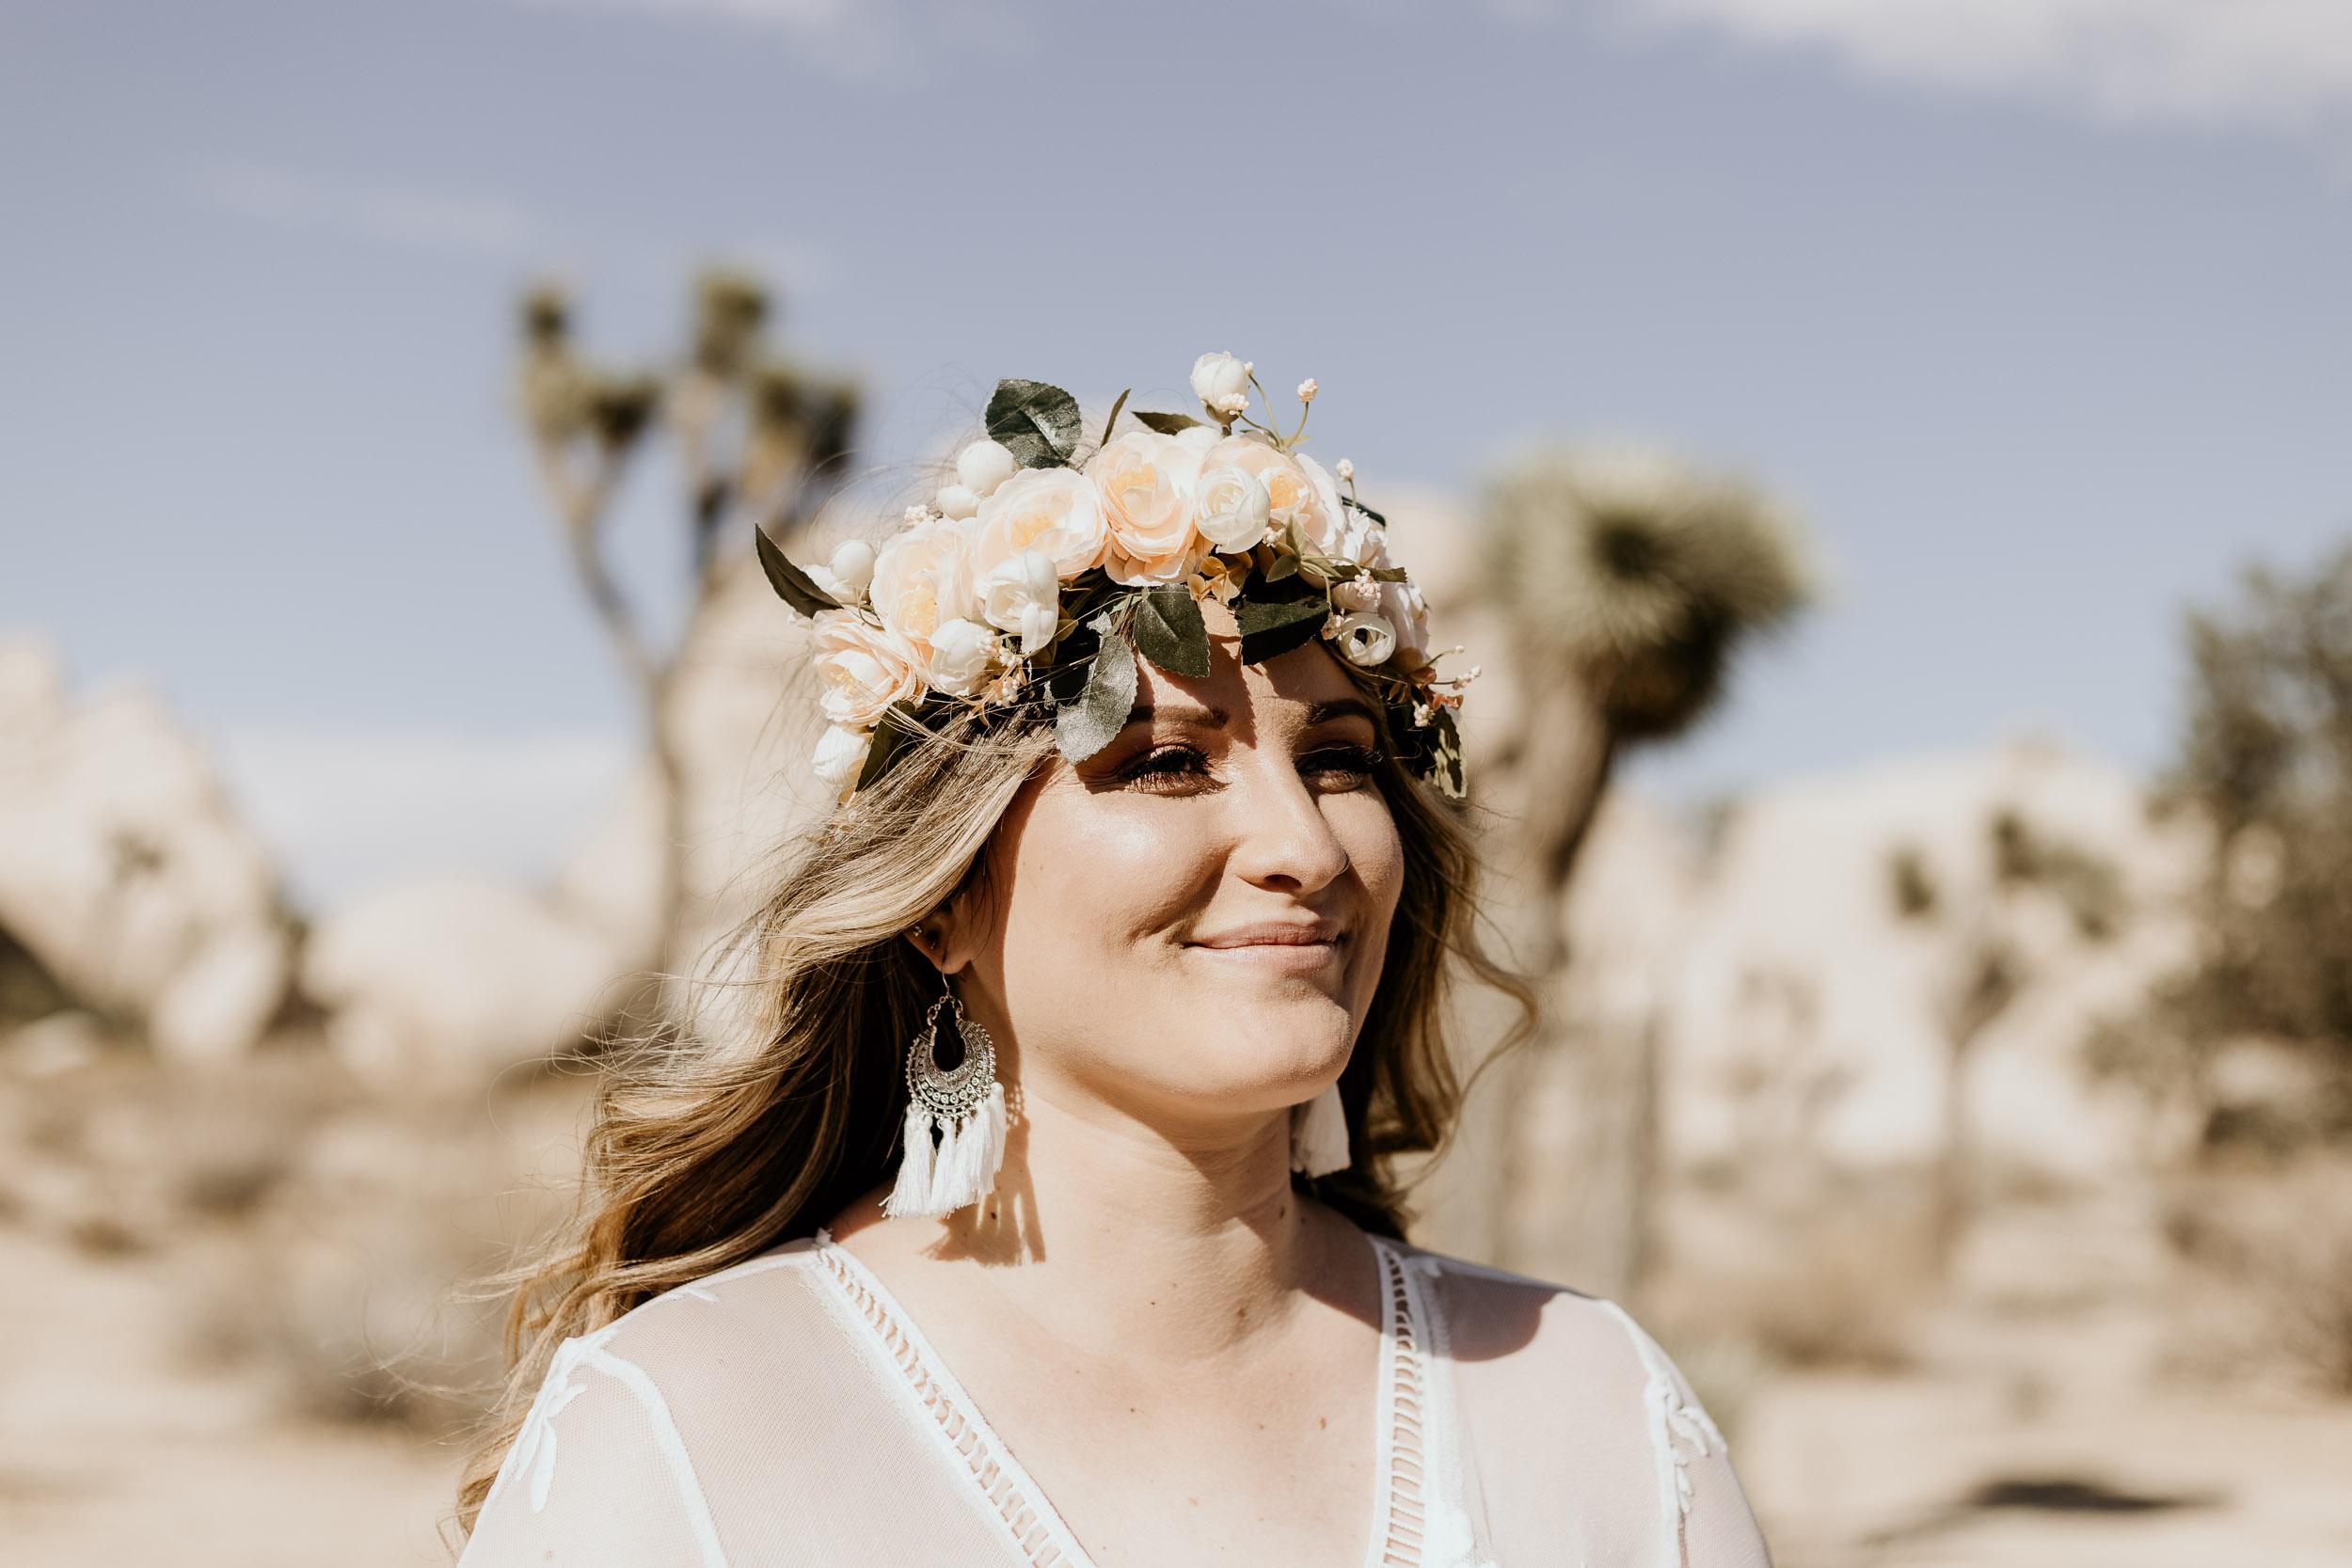 intimate-wedding-elopement-photographer-ottawa-joshua-tree-0479.jpg